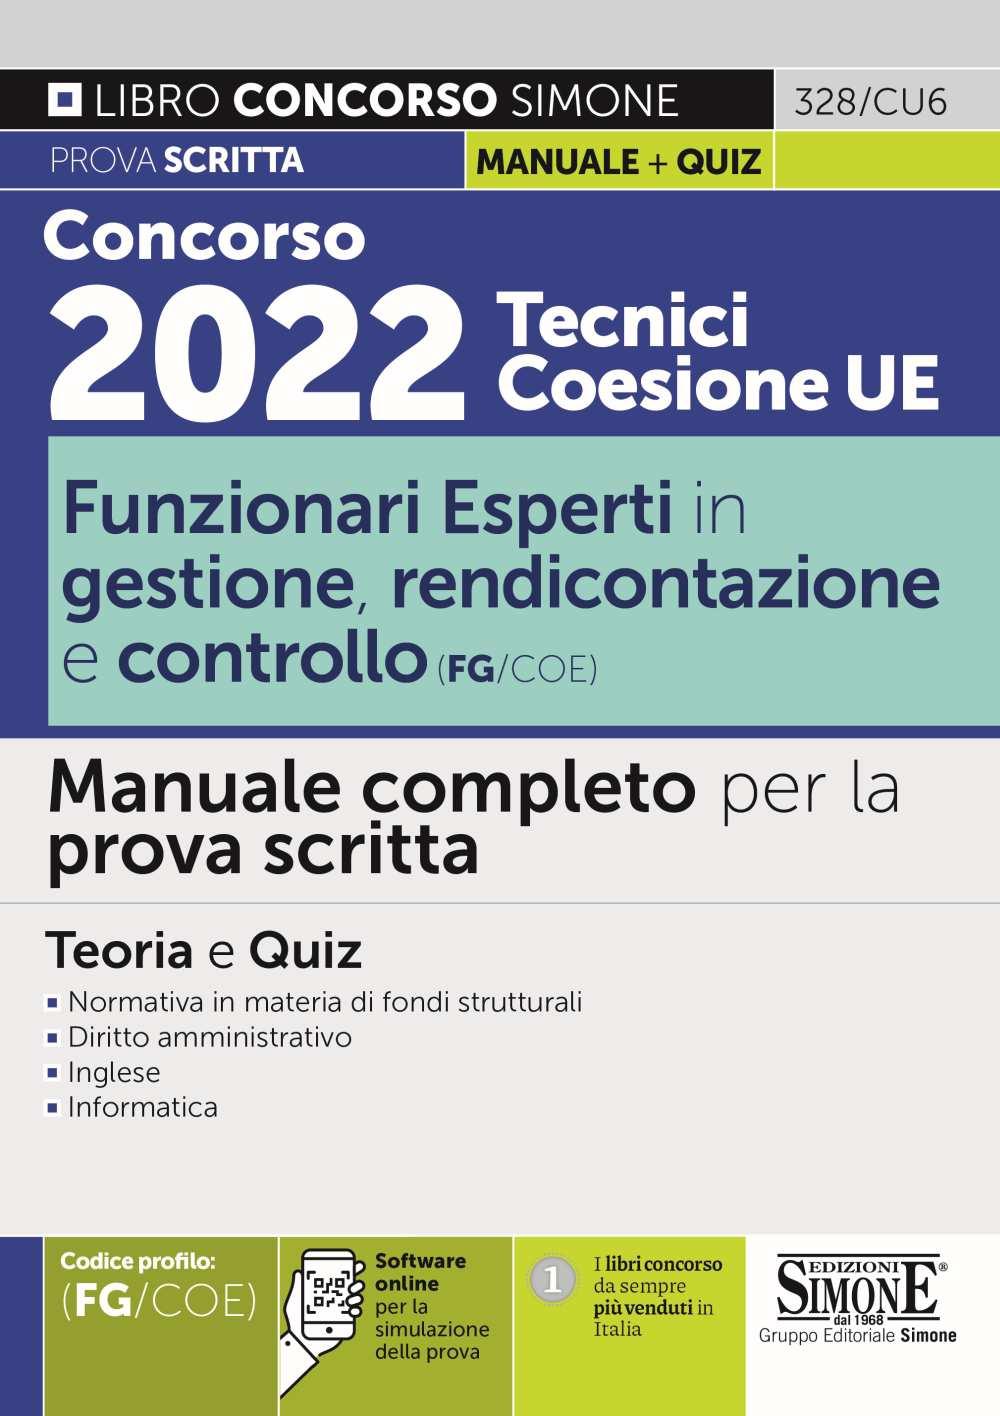 Concorso Ripam 2022 Tecnici Manuale